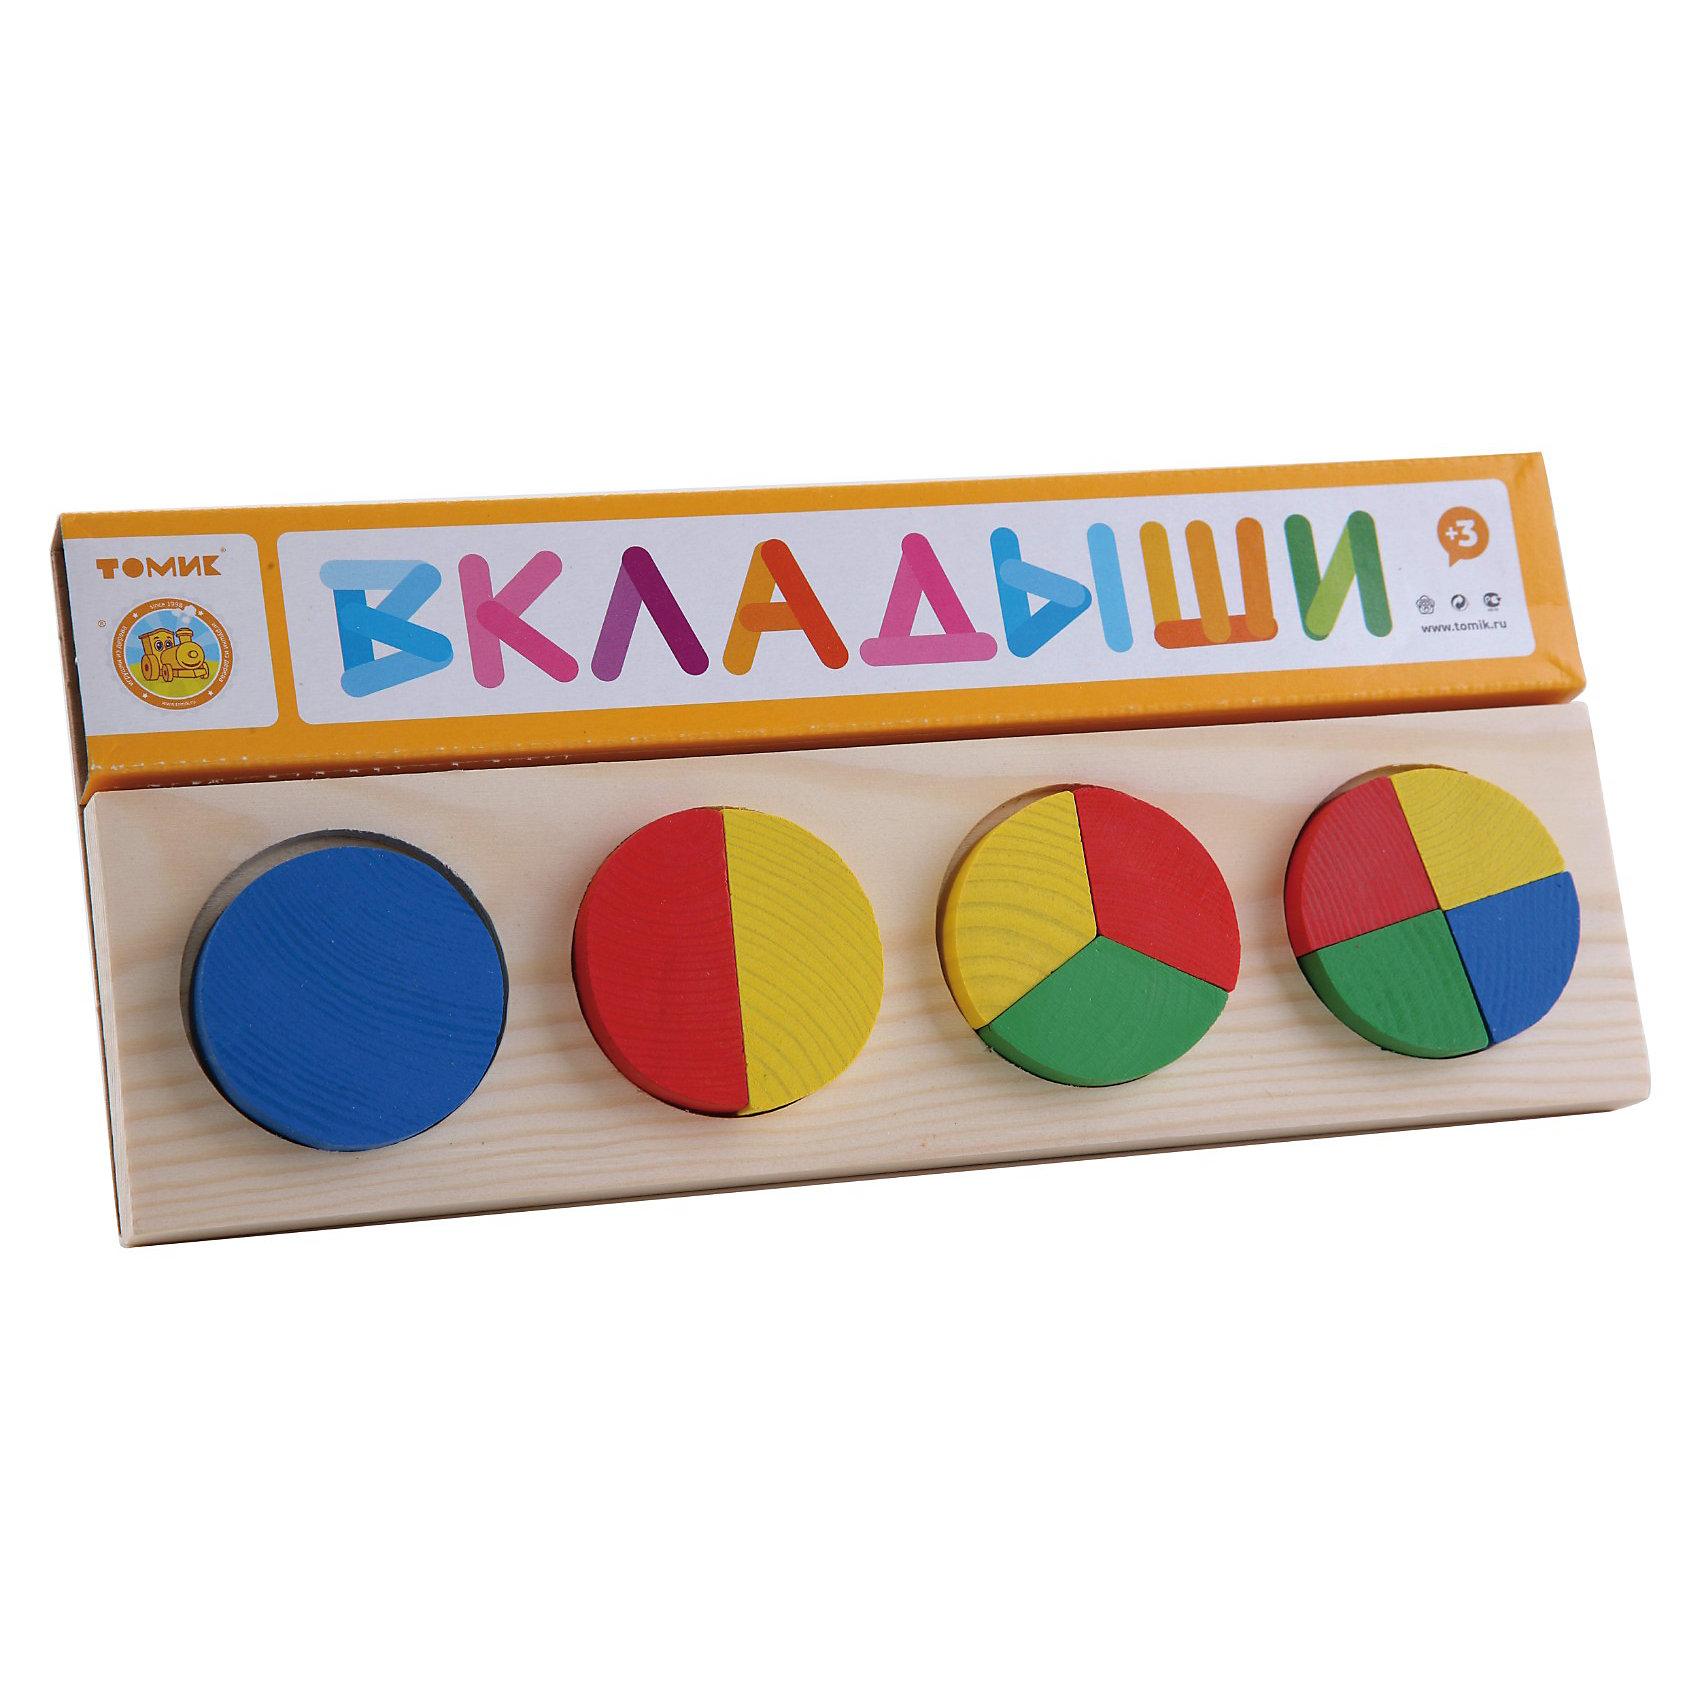 Рамка-вкладыш Геометрия Круг, ТомикДеревянные игры и пазлы<br>Рамка-вкладыш Геометрия Круг, Томик - это развивающее, математическое пособие для малышей.<br>Развивающая игра Рамка-вкладыш «Геометрия Круг» «Томик» поможет малышу освоить геометрические формы и понять, как из частей образуется целое. А заодно поможет развить мелкую моторику и запомнить цвета. «Геометрия Круг» представляет собой прямоугольную деревянную рамку размером 30 х 9,5 см. В ней имеются 4 углубления-круга. В эти углубления требуется вставить подходящие детали, так чтобы получились круги: детали – это целый круг, а также круги, разделенные на две, три и четыре части. Детали окрашены в разные цвета, сама же рамка не окрашена. Фигурки-вкладыши можно использовать отдельно для изучения цветов. Рамка-вкладыш сделана, как и вся продукция изготовителя «Томик» из чистого дерева, экологически безопасна для малыша.<br><br>Дополнительная информация:<br><br>- В набор входит: рамка-вкладыш, 10 элементов<br>- Материал: дерево<br>- Диаметр круга: 5,5 см.<br>- Толщина круга: 1 см.<br>- Размер в упаковке: 30 x 13 x 2 см.<br>- Вес: 0,275 кг.<br><br>Рамку-вкладыш Геометрия Круг, Томик можно купить в нашем интернет-магазине.<br><br>Ширина мм: 300<br>Глубина мм: 130<br>Высота мм: 30<br>Вес г: 300<br>Возраст от месяцев: 36<br>Возраст до месяцев: 48<br>Пол: Унисекс<br>Возраст: Детский<br>SKU: 3650284